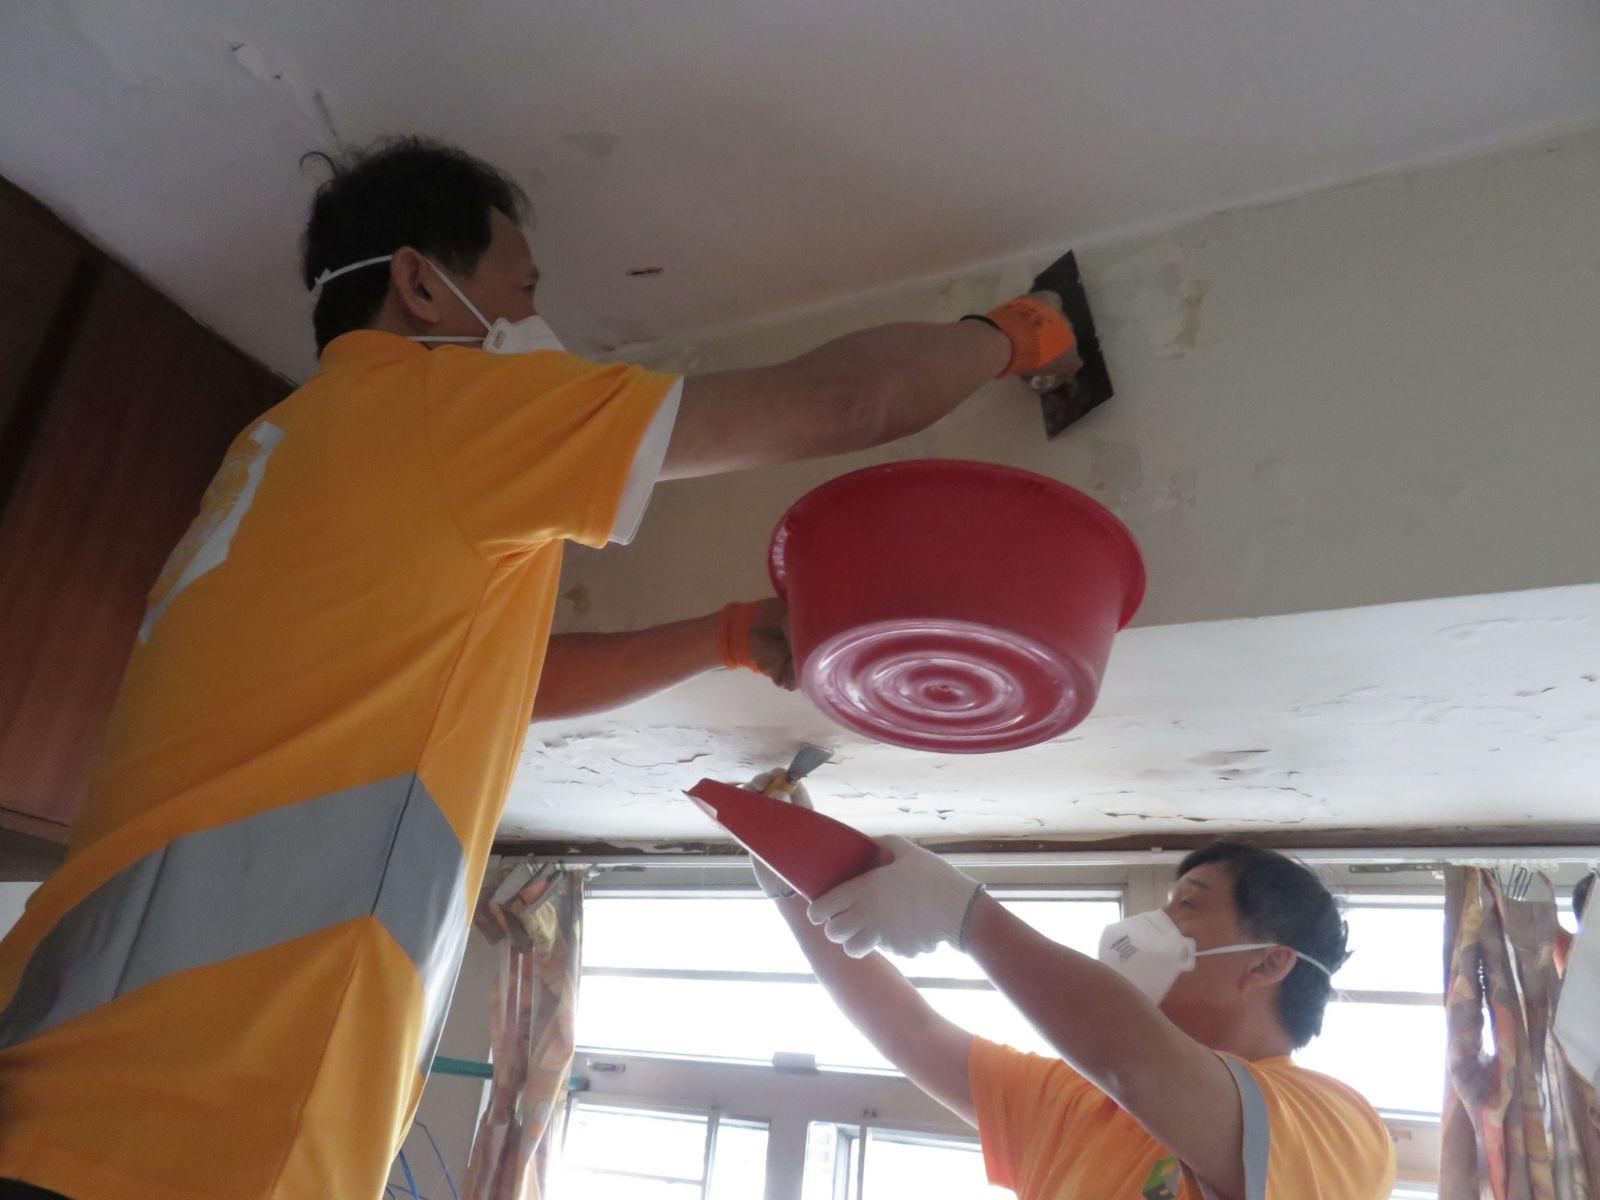 家具搬運服務 及 家居油漆翻新